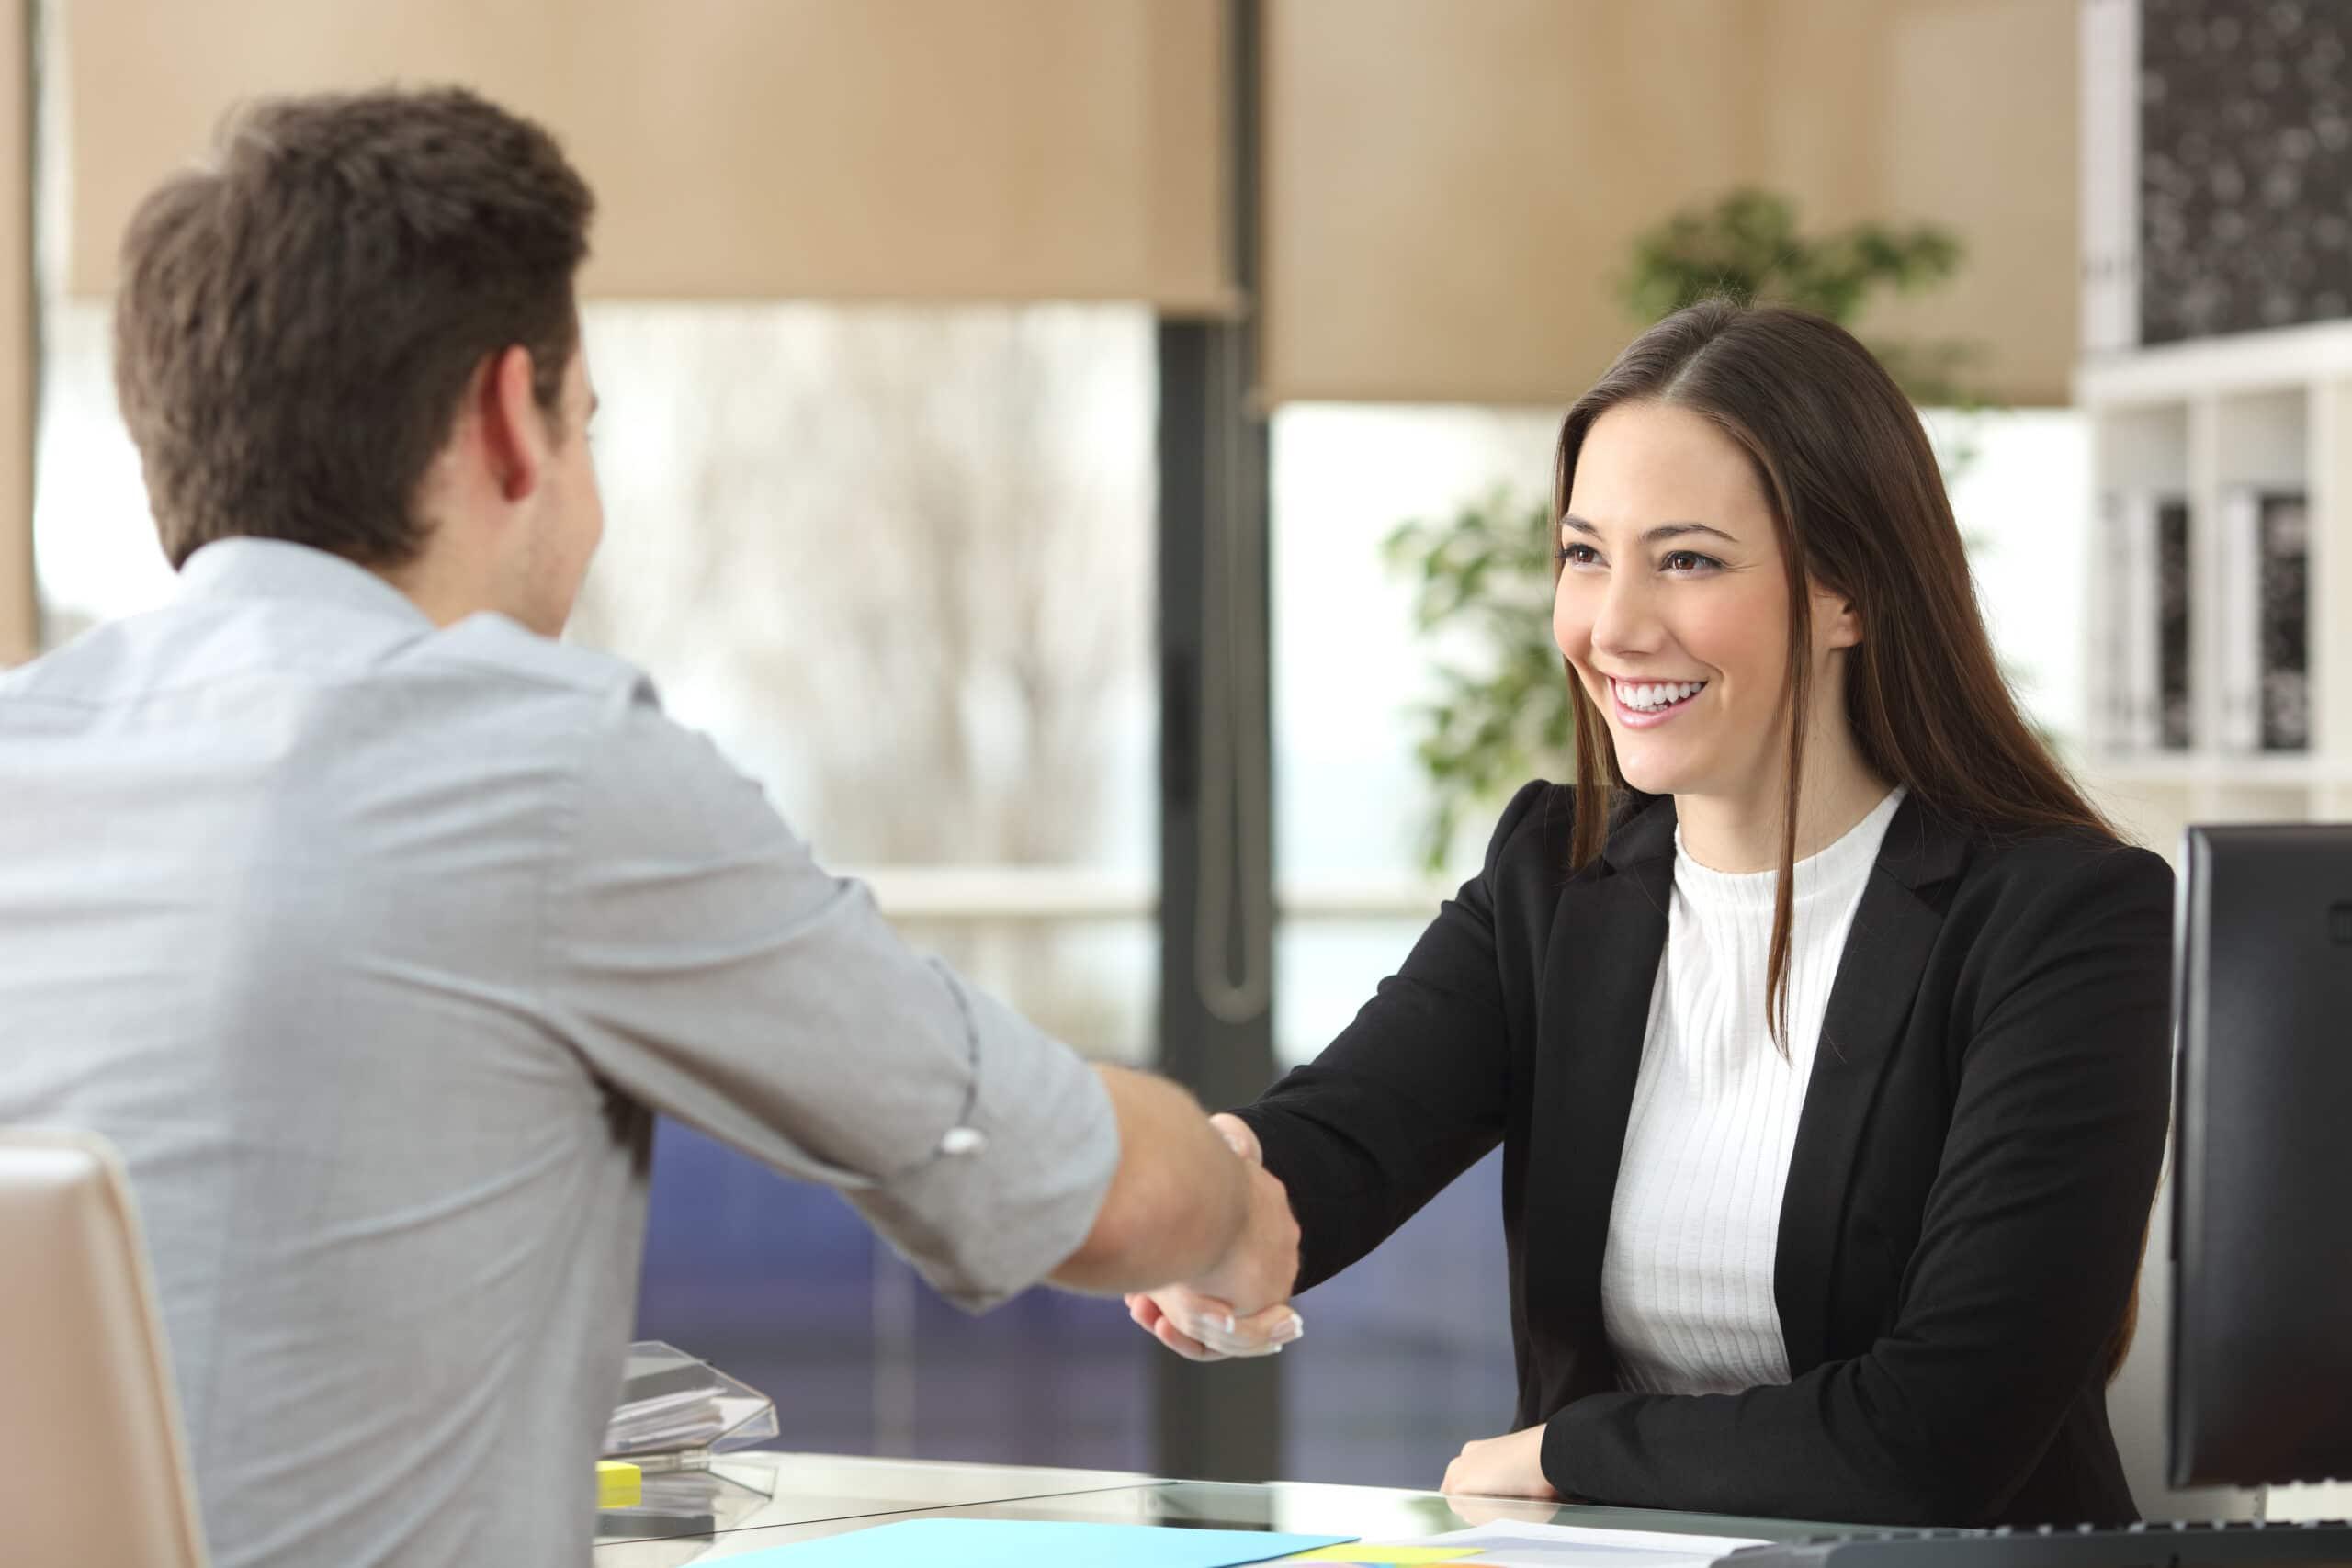 Haastavan asiakkaan kohtaaminen. Yrittäjä kättelee asiakasta.